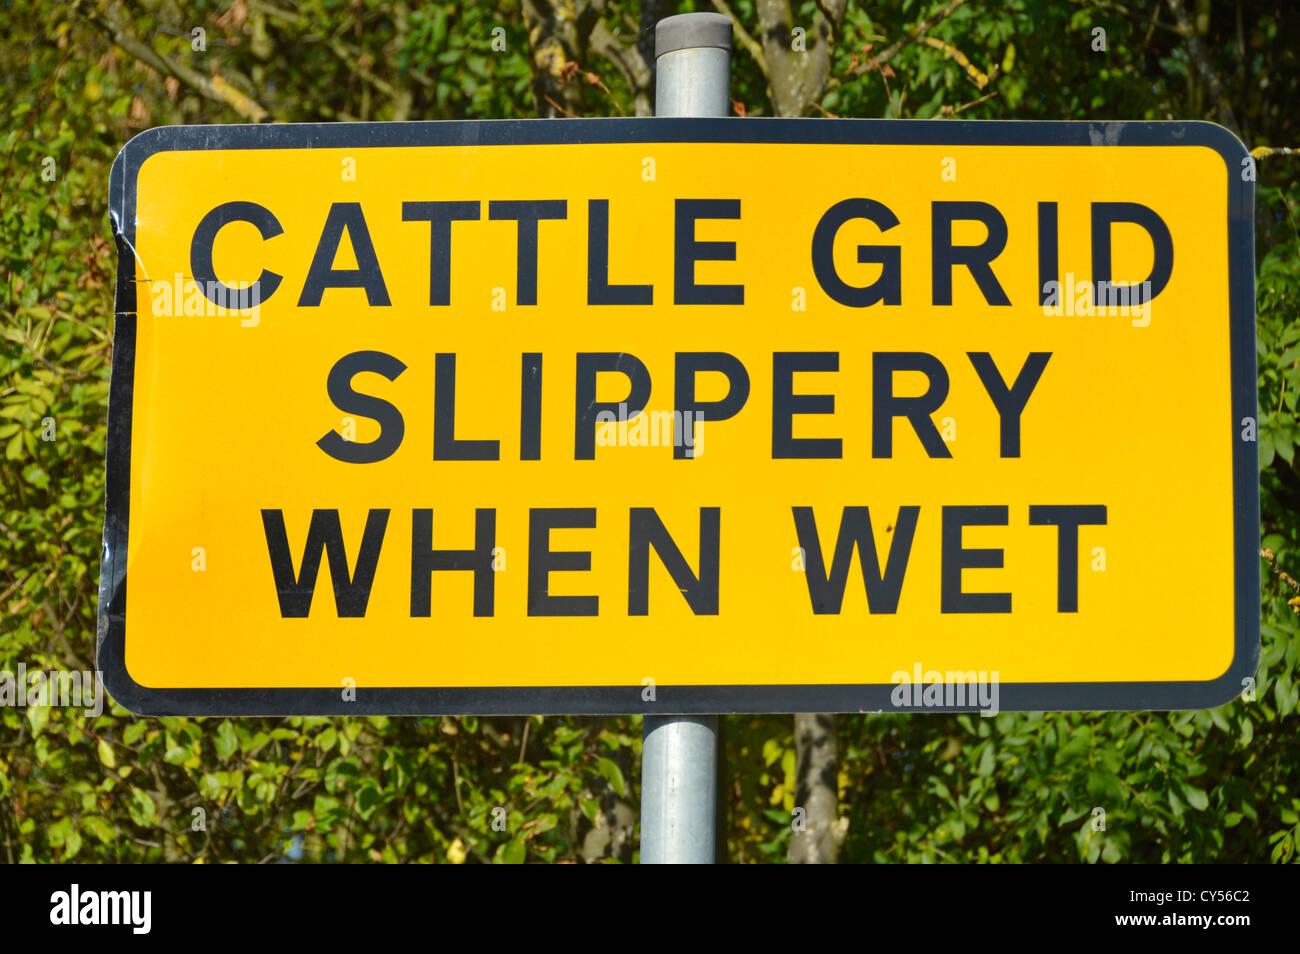 Slippery when wet señal de advertencia en el enfoque de la cuadrícula de ganado Imagen De Stock